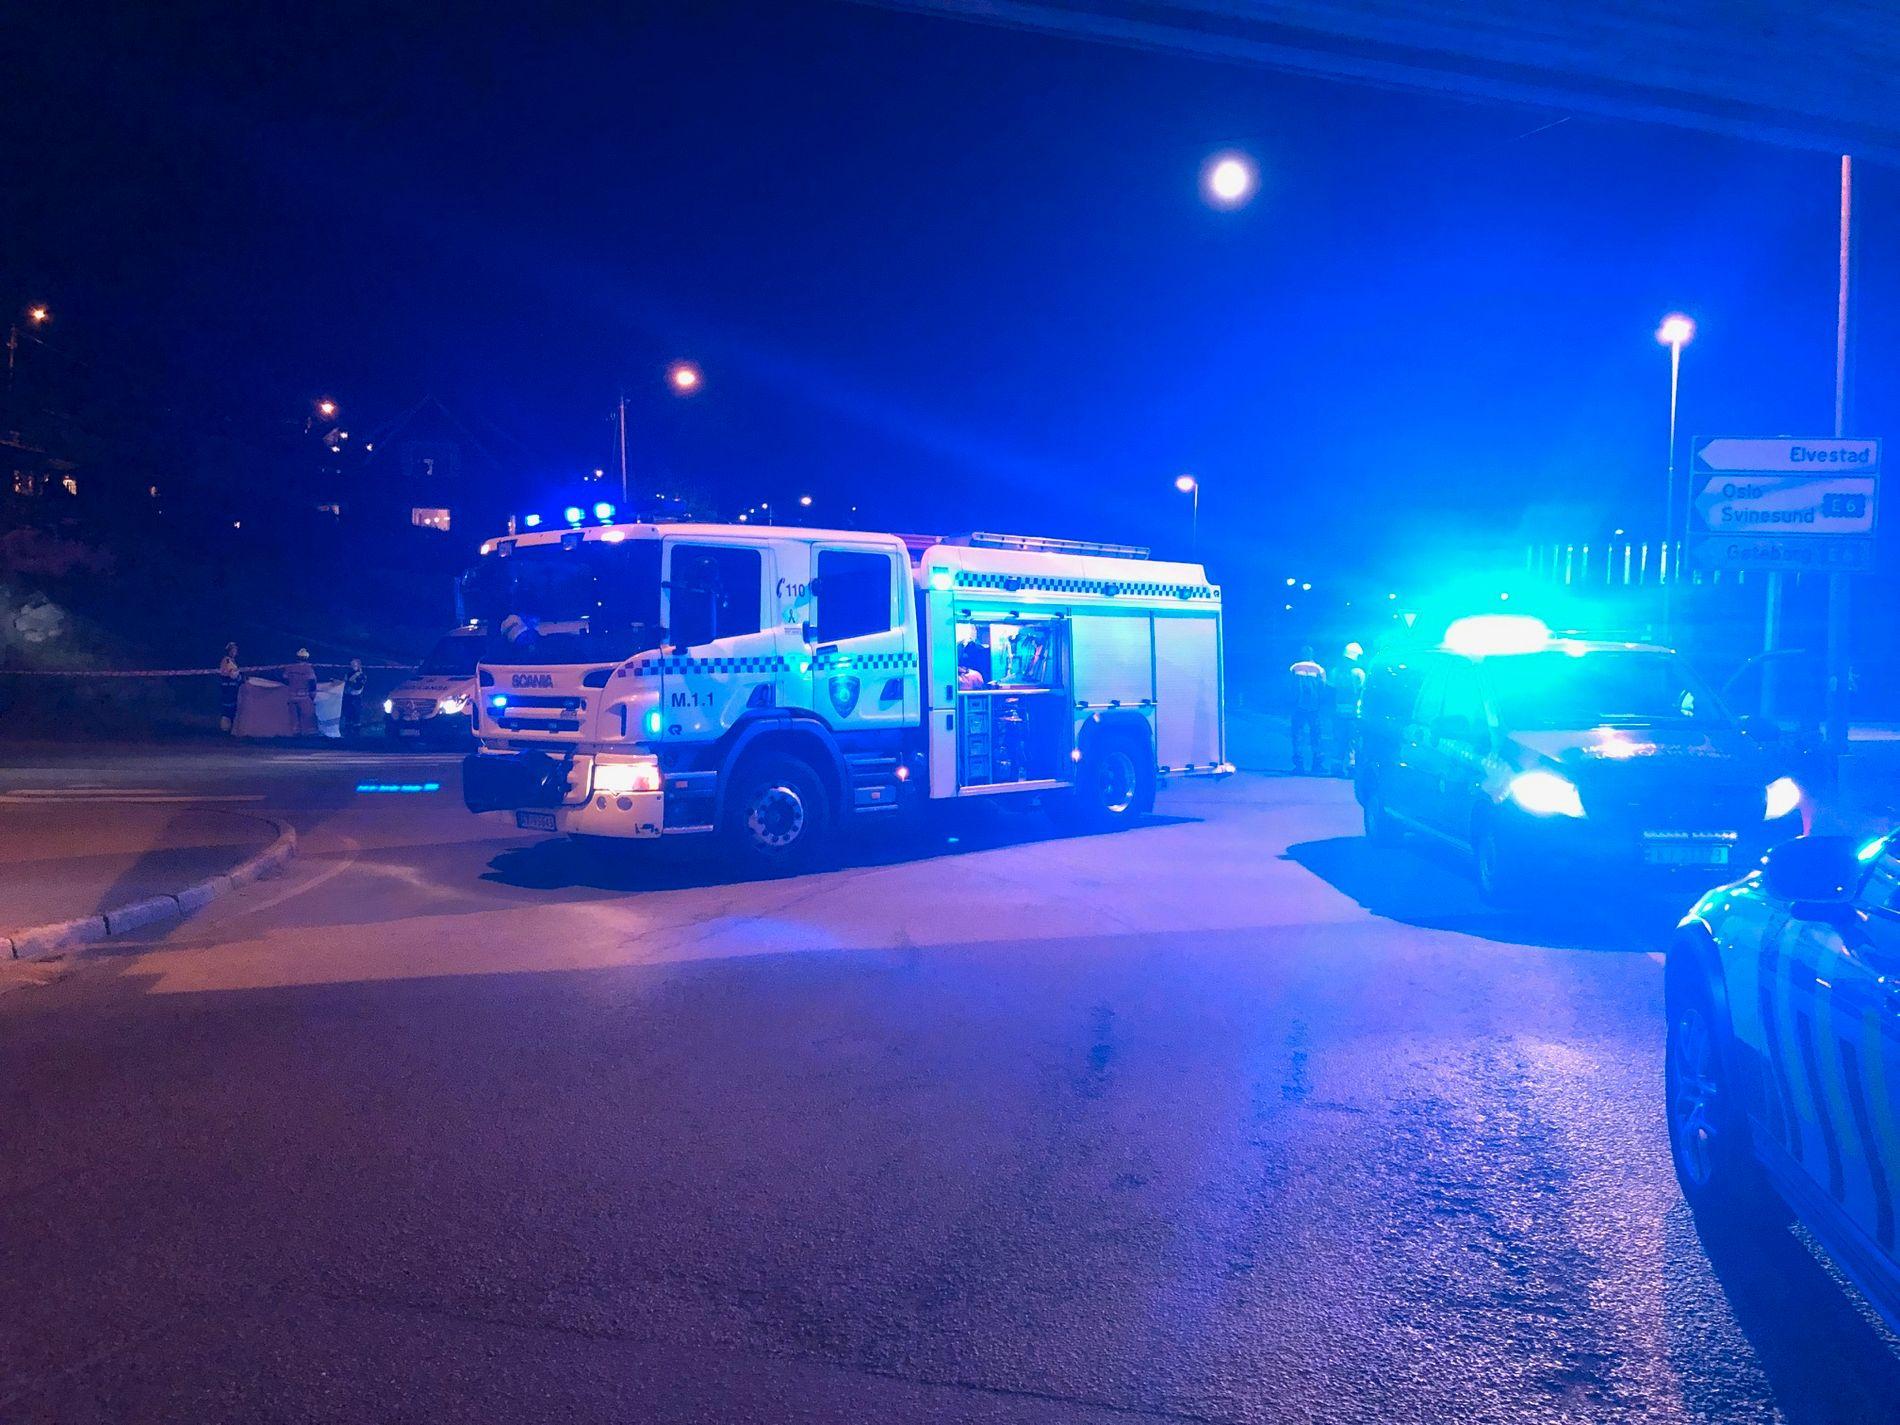 DØDSULYKKE: Politiet i Øst rykket natt til søndag ut til en alvorlig trafikkulykke i Moss. Ulykken skjedde på veien mellom E6 og Moss.